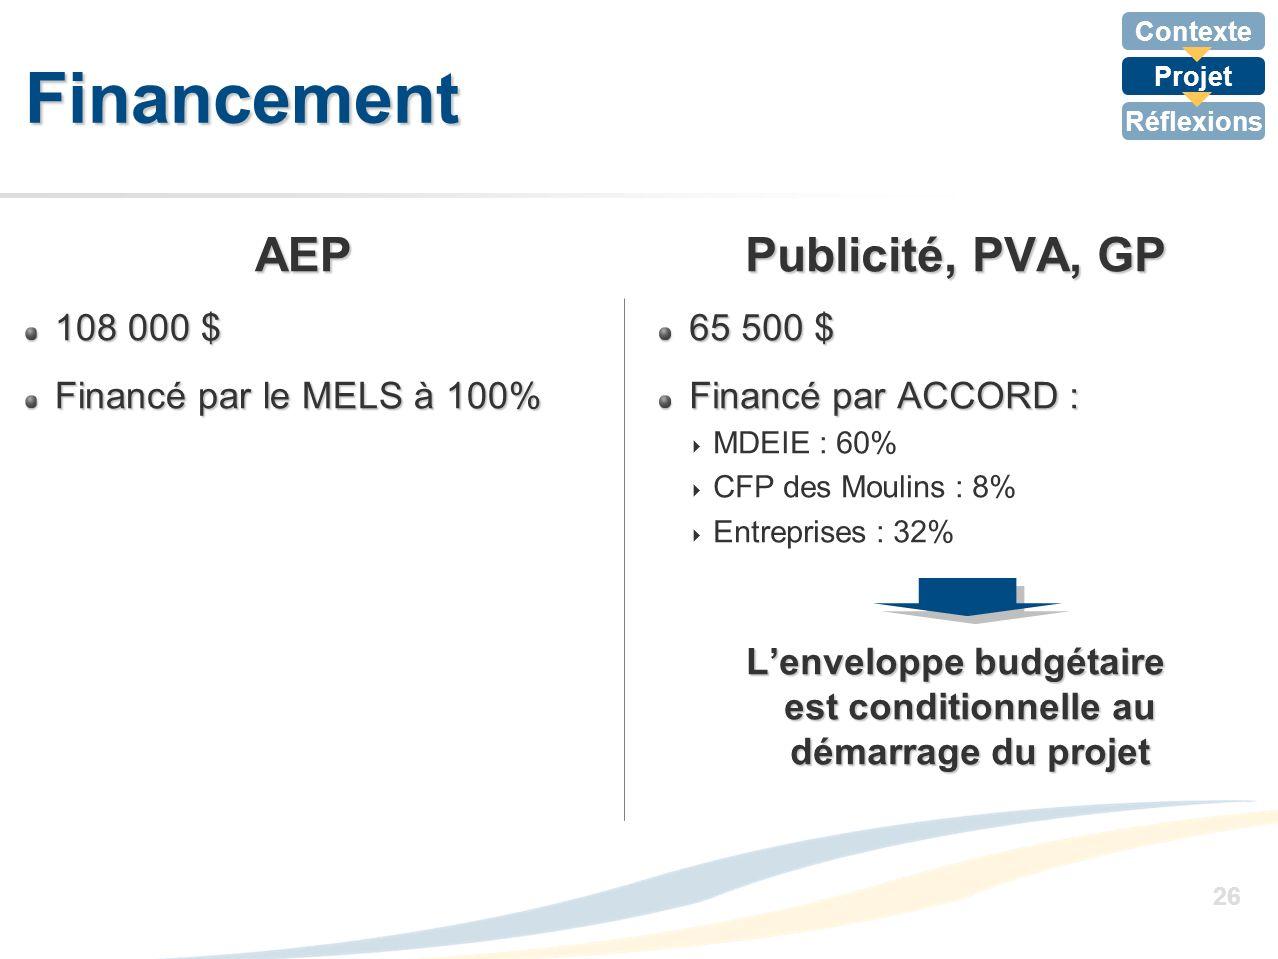 Contexte Projet Réflexions 26 Financement AEP 108 000 $ Financé par le MELS à 100% Publicité, PVA, GP 65 500 $ Financé par ACCORD : MDEIE : 60% CFP de